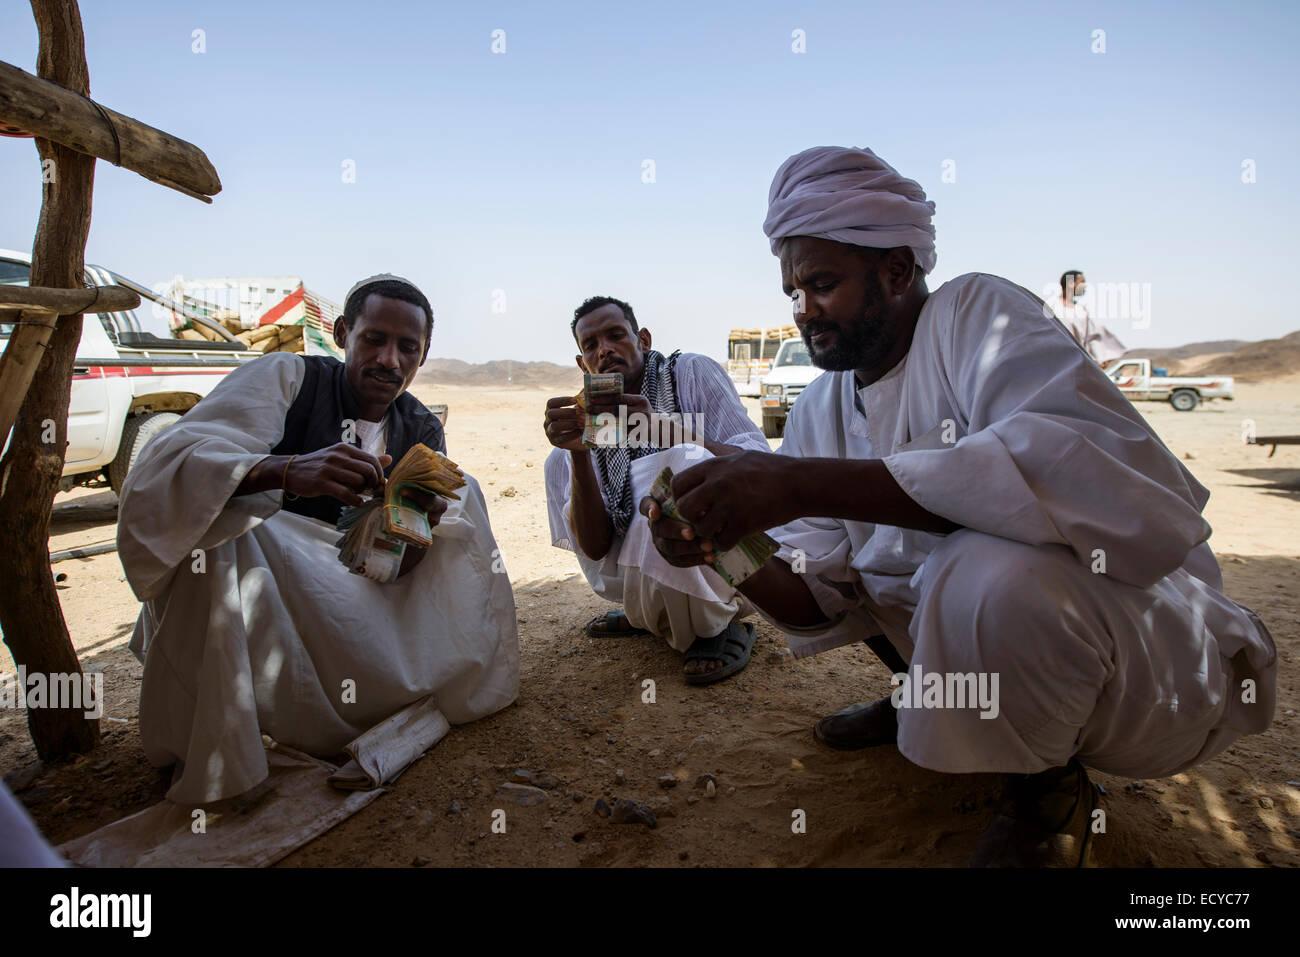 Hommes soudanais comptant de l'argent en vendant les féveroles, le Soudan Photo Stock